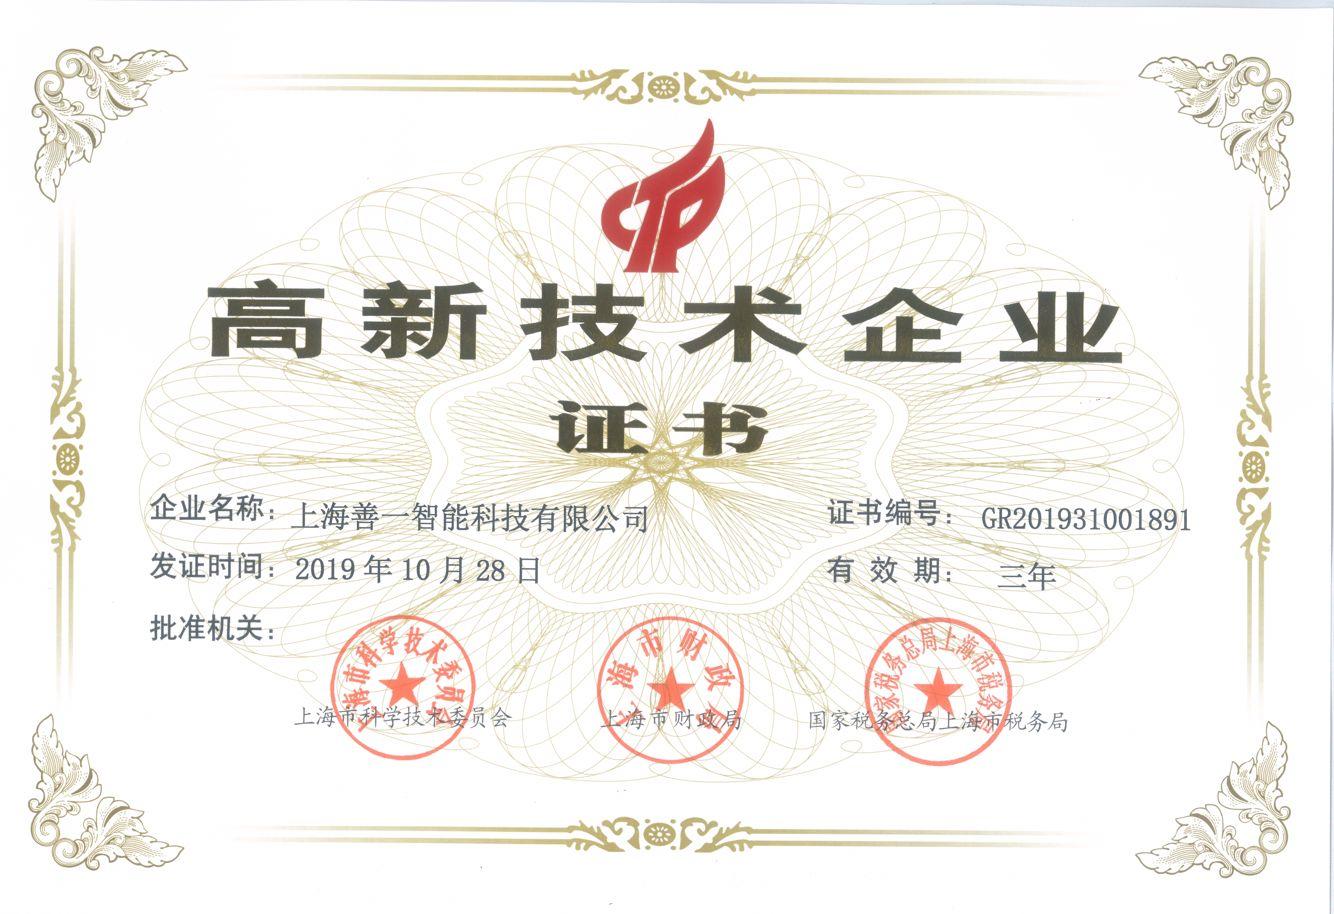 上海善一智能科技有限公司荣获高新技术企业称号